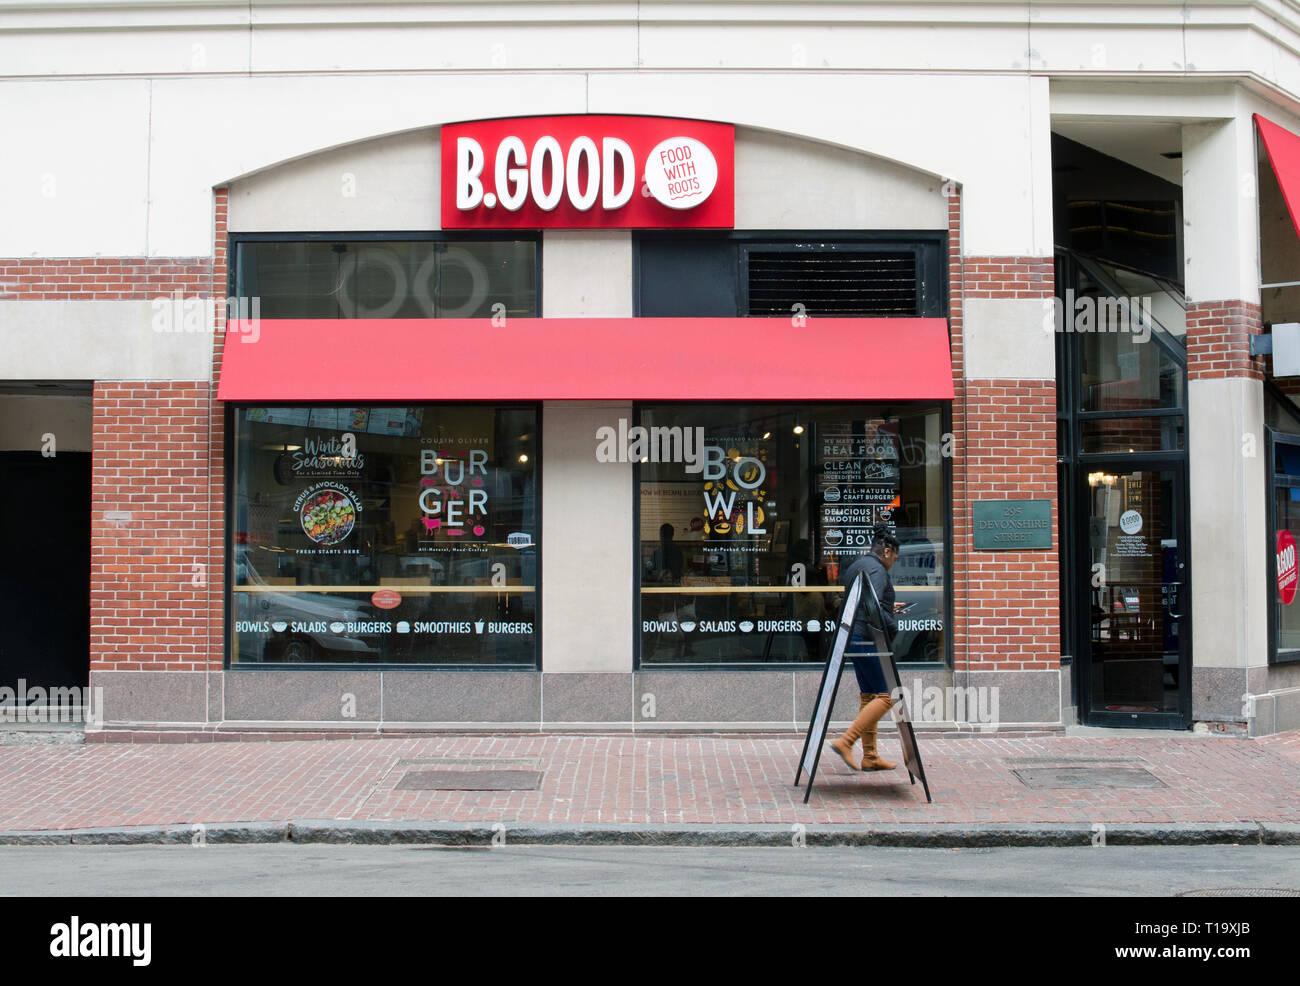 B.Buen restaurante exterior en Devonshire Street en Downtown Crossing Boston, Massachusetts, EE.UU. Imagen De Stock